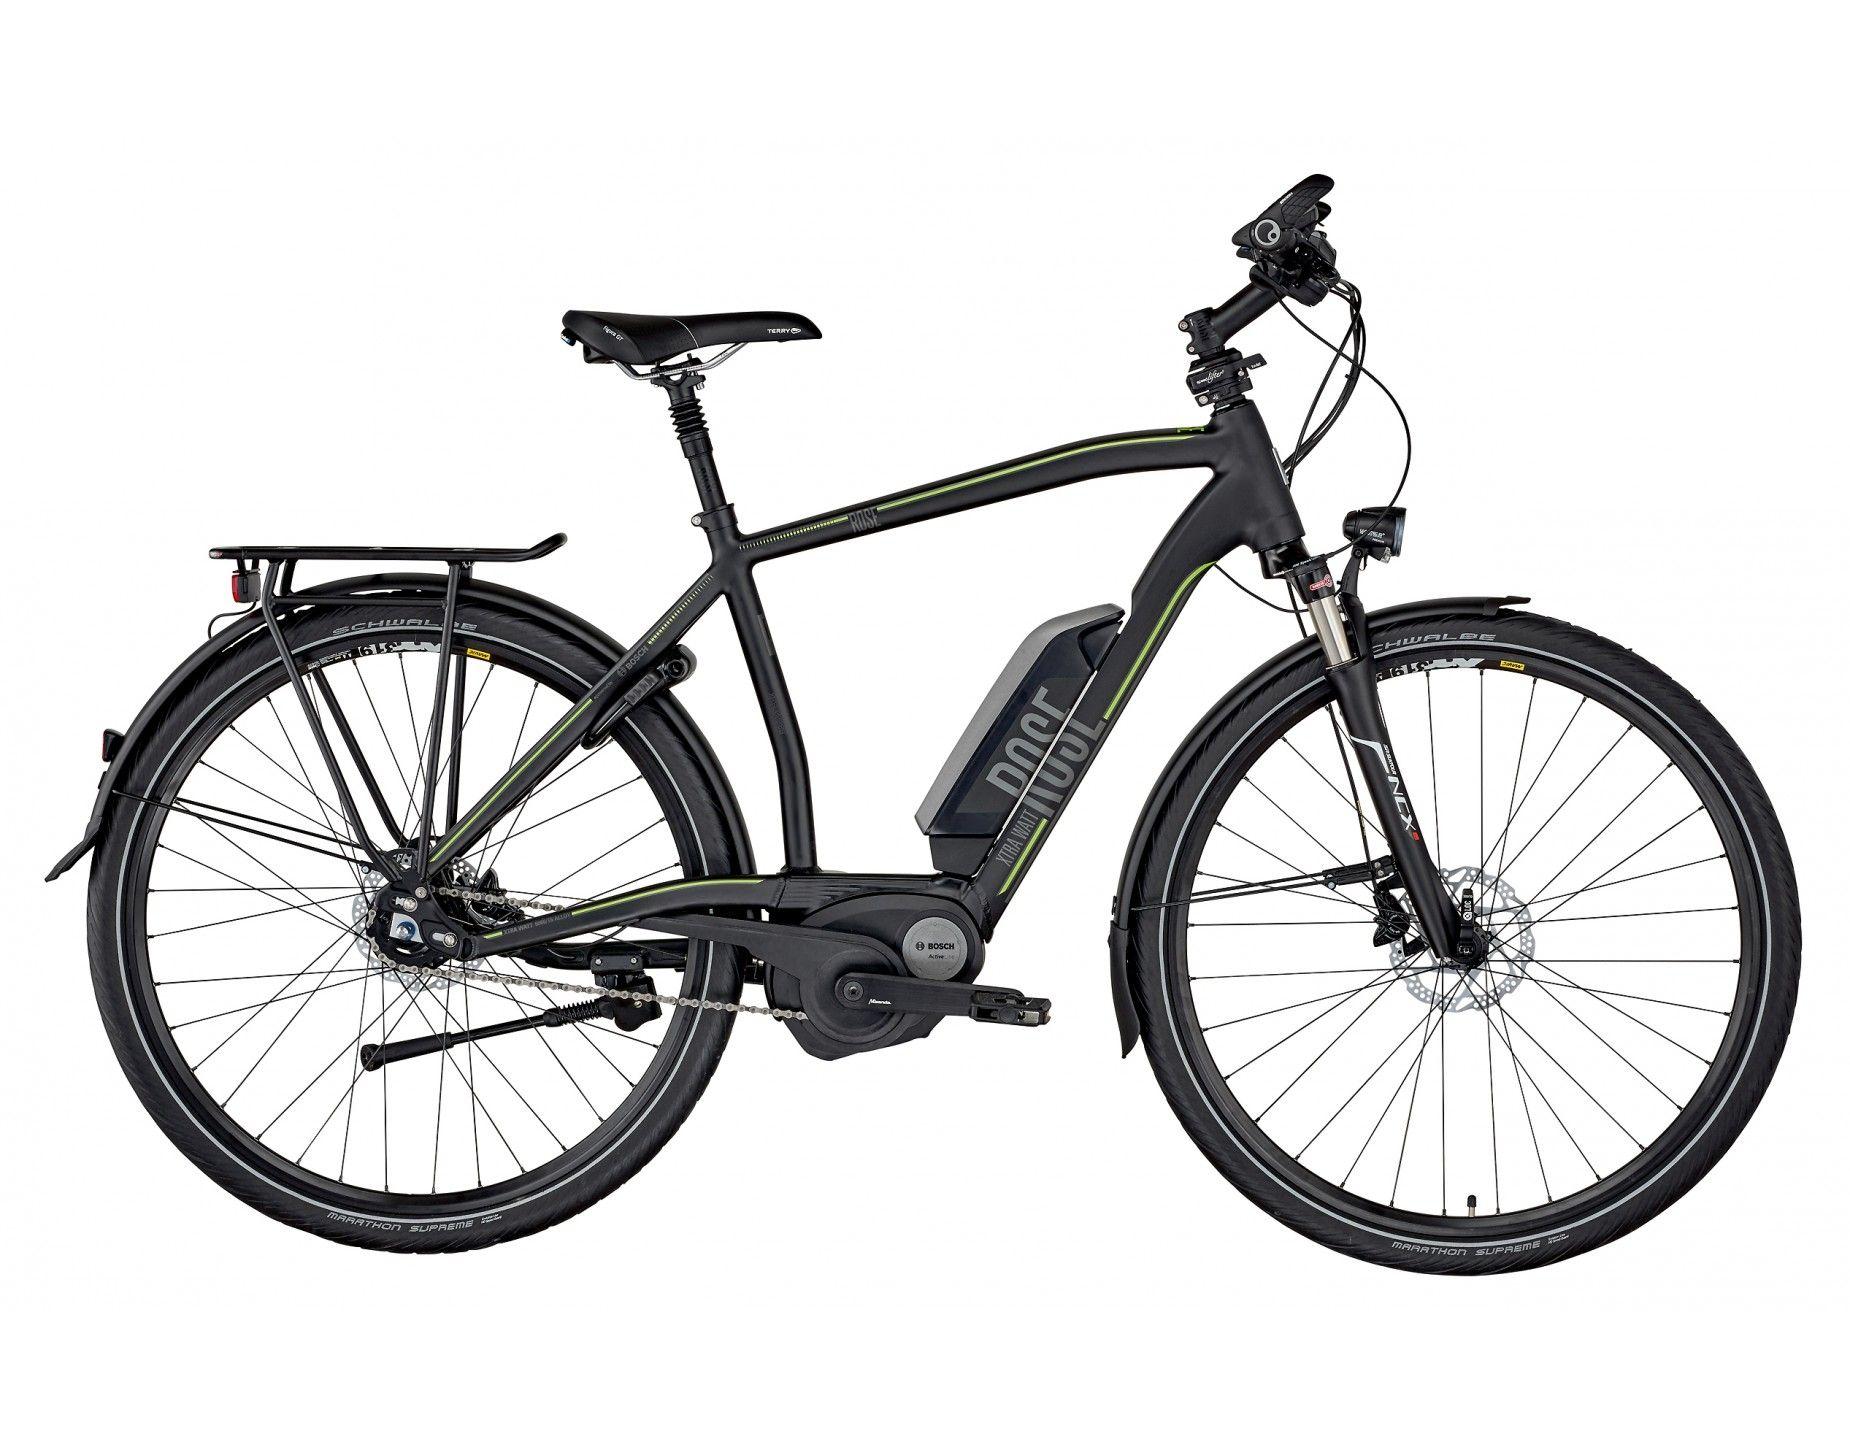 ROSE XTRA WATT-3 HERREN matt-black | Elektro-Bikes & Pedelecs ...